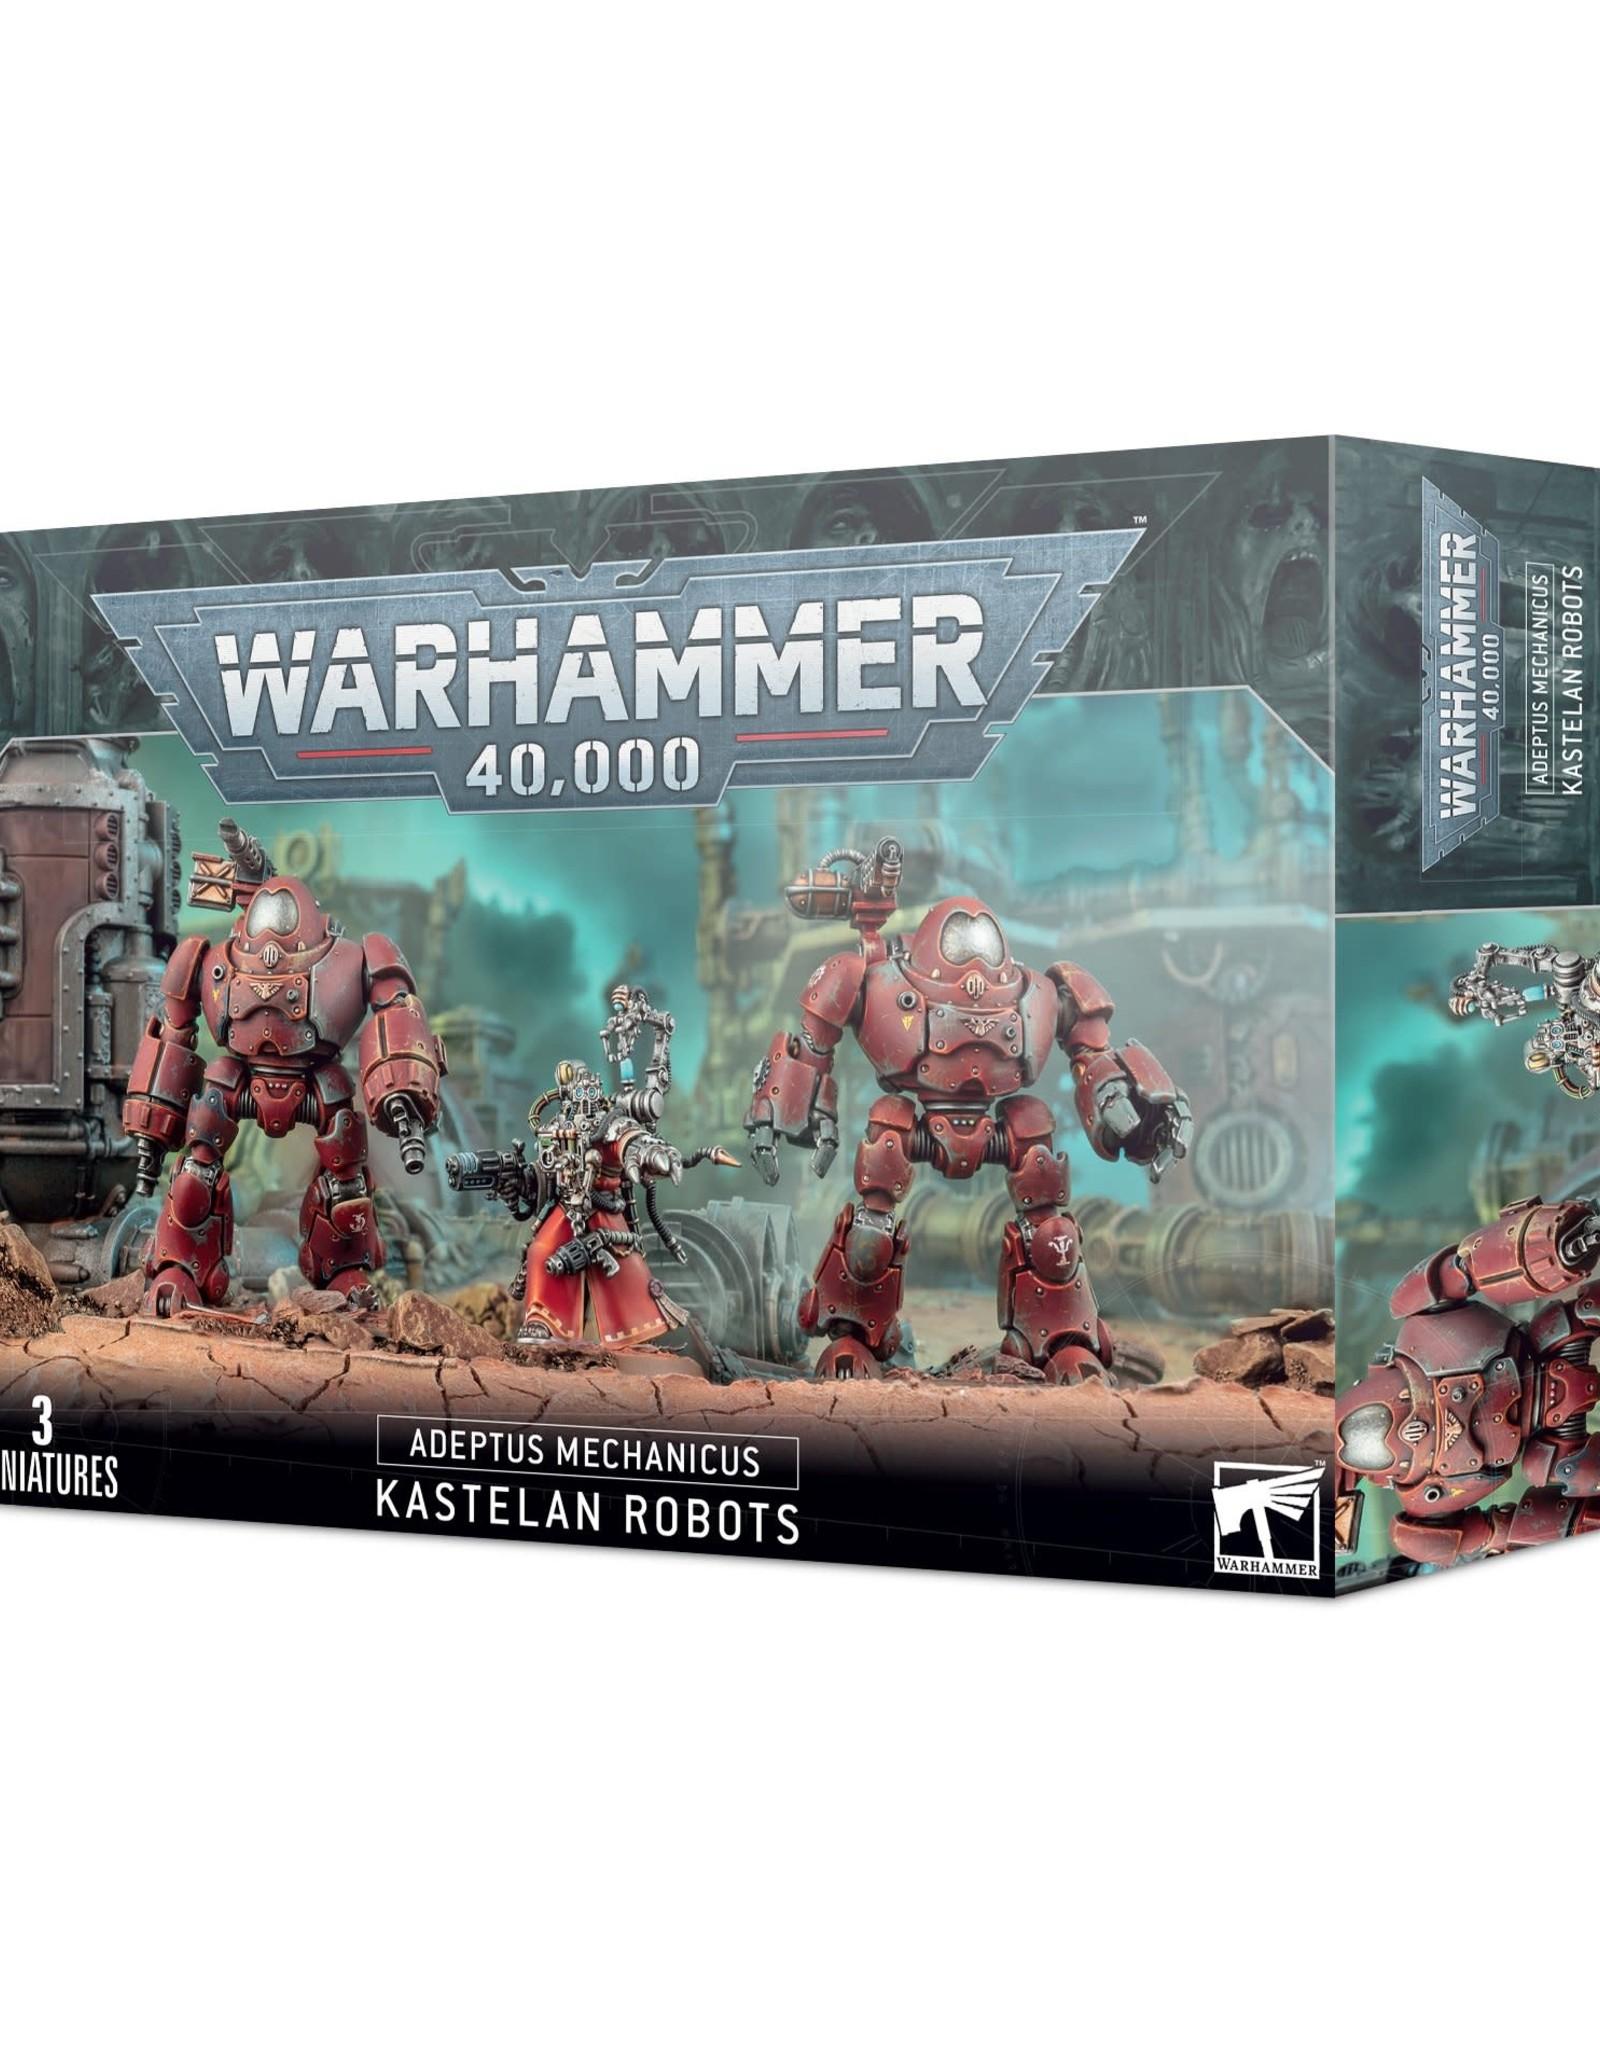 Games Workshop Warhammer 40k Adeptus Mechanicus Kastelan Robots